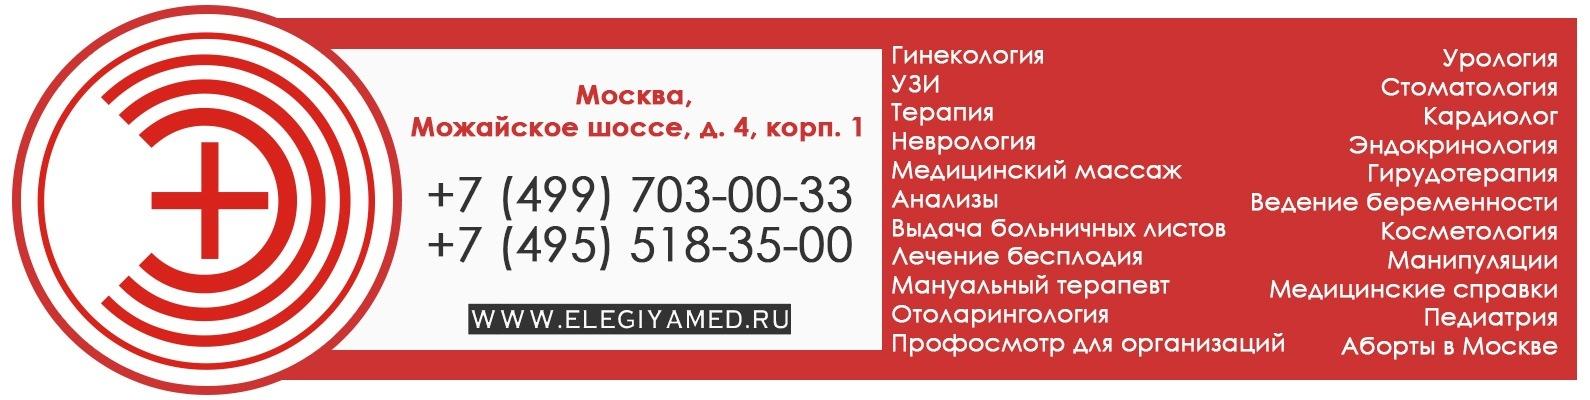 Выдача больничных листов в Москве Тверской